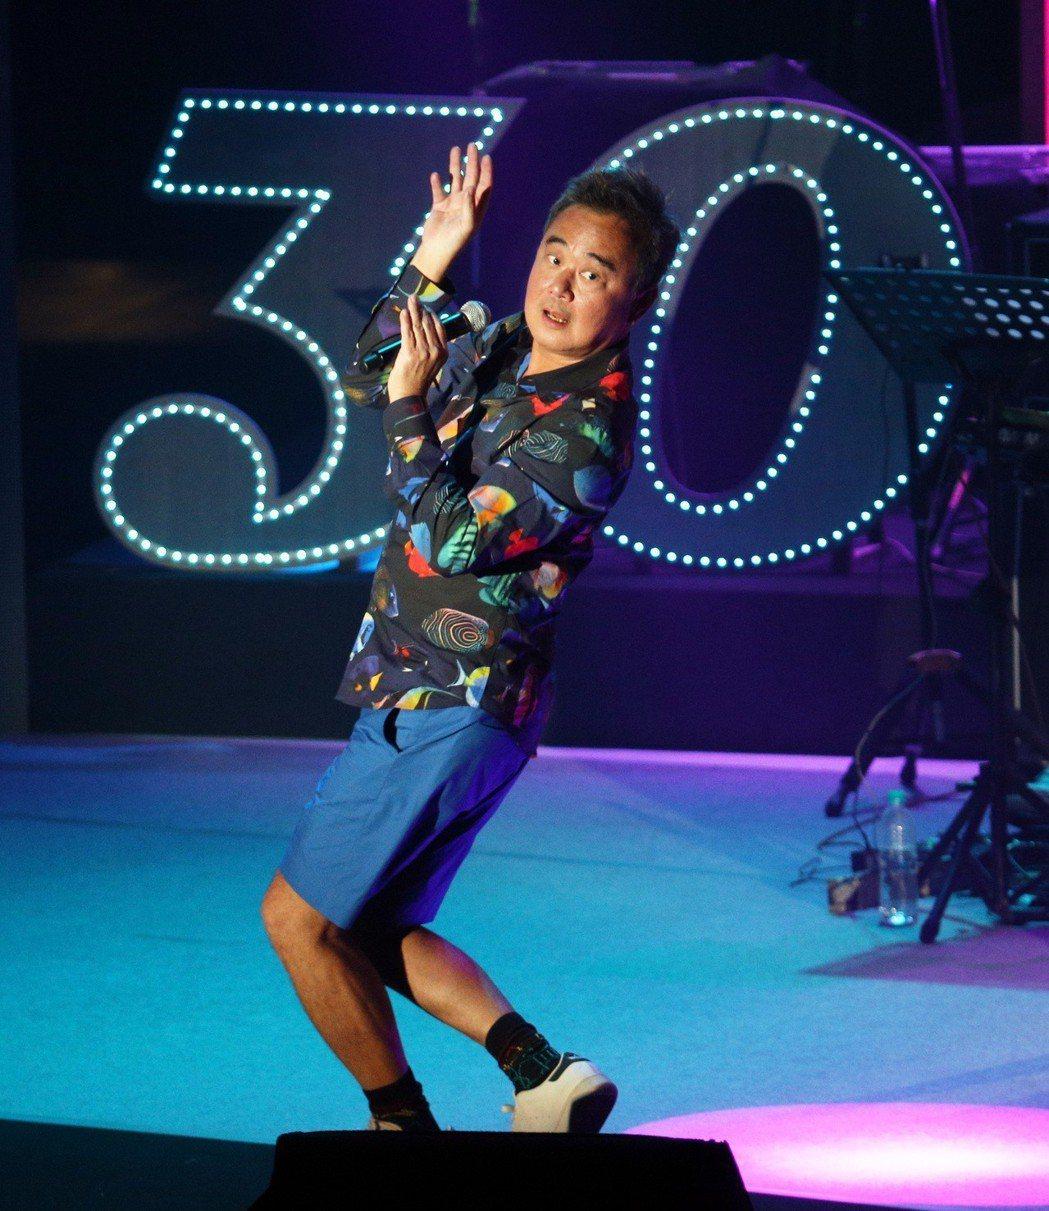 陳昇在台上扭腰擺臀,姿勢逗趣。記者劉學聖/攝影